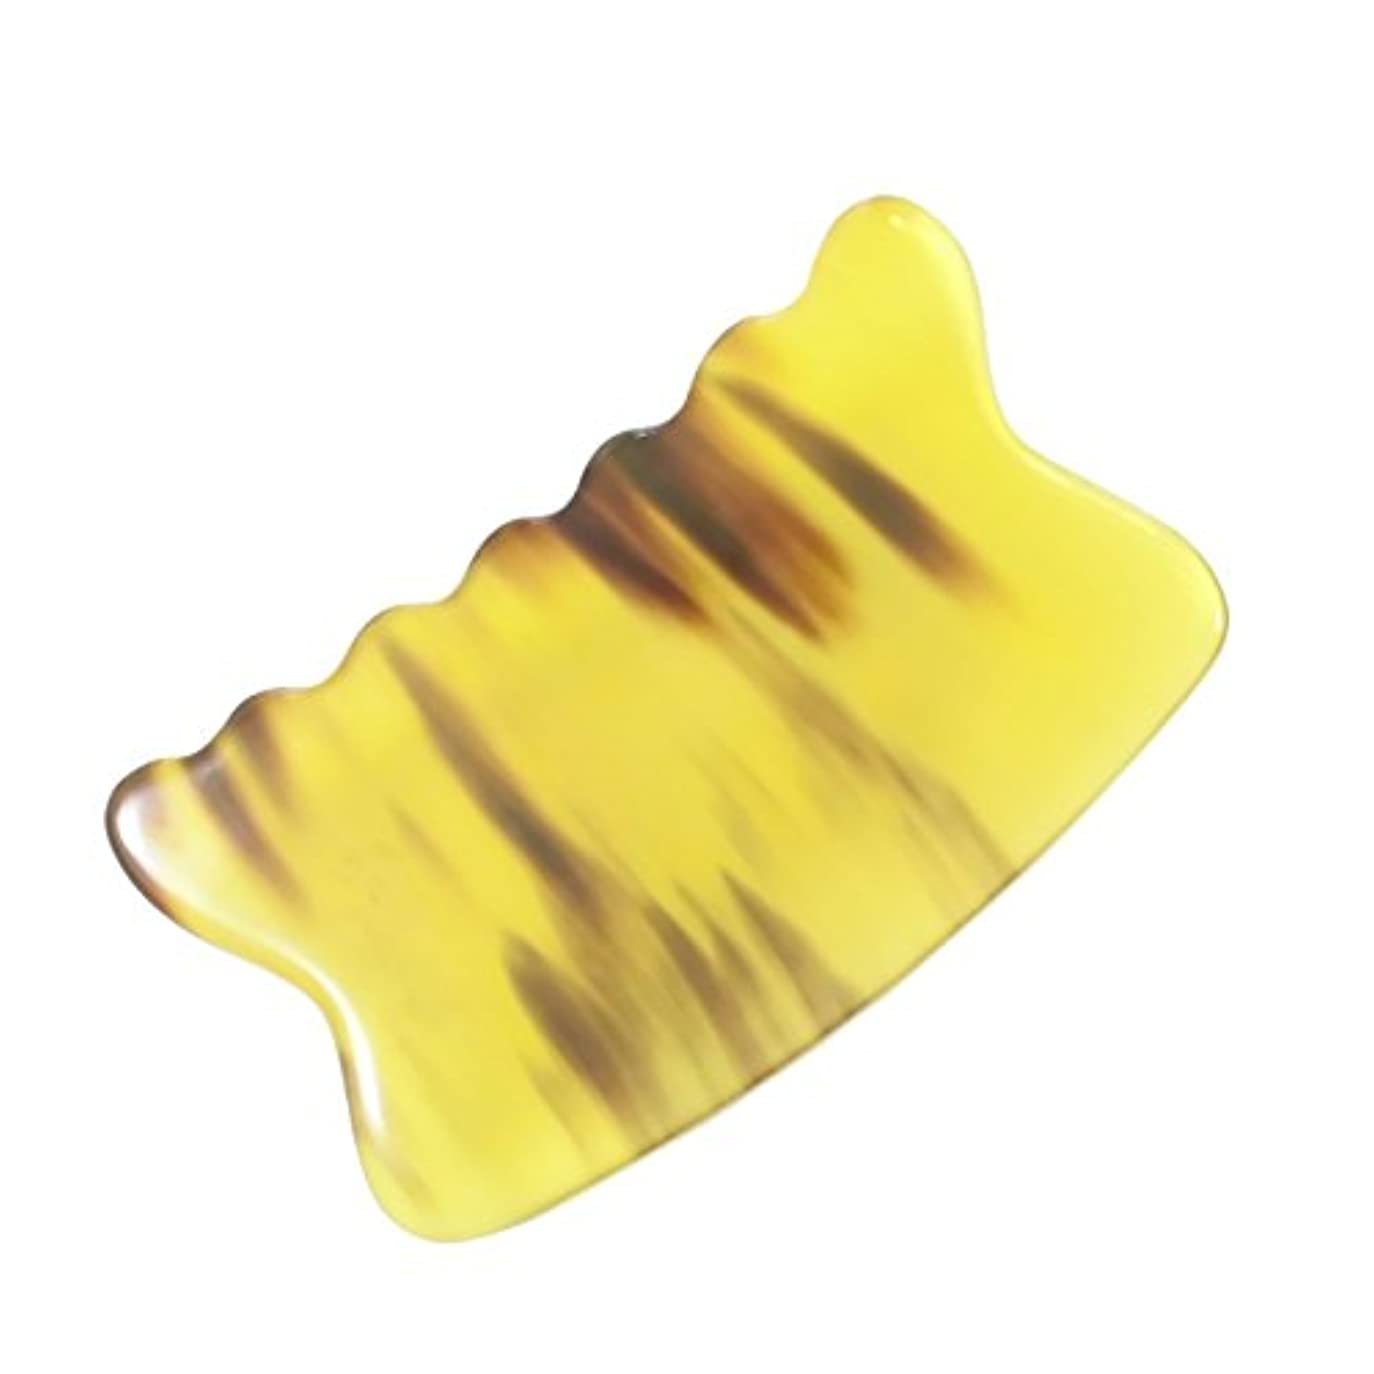 適度なしみ協会かっさ プレート 希少59 黄水牛角 極美品 曲波型